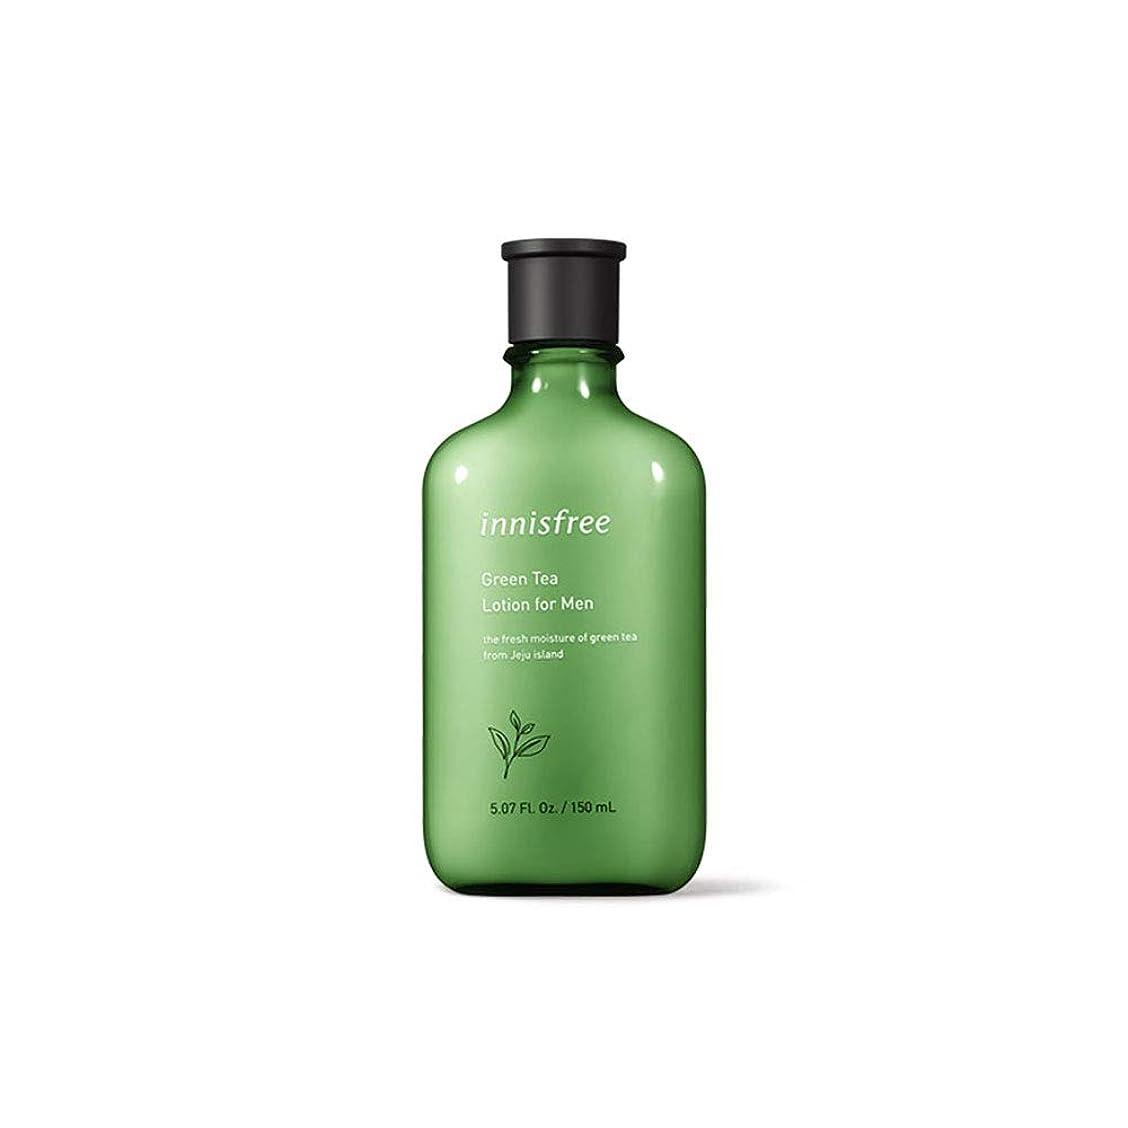 エキス郡ラリーベルモントイニスフリー Innisfree グリーンティーローションフォーメン(150ml) Innisfree Green Tea Lotion For Men(150ml) [海外直送品]